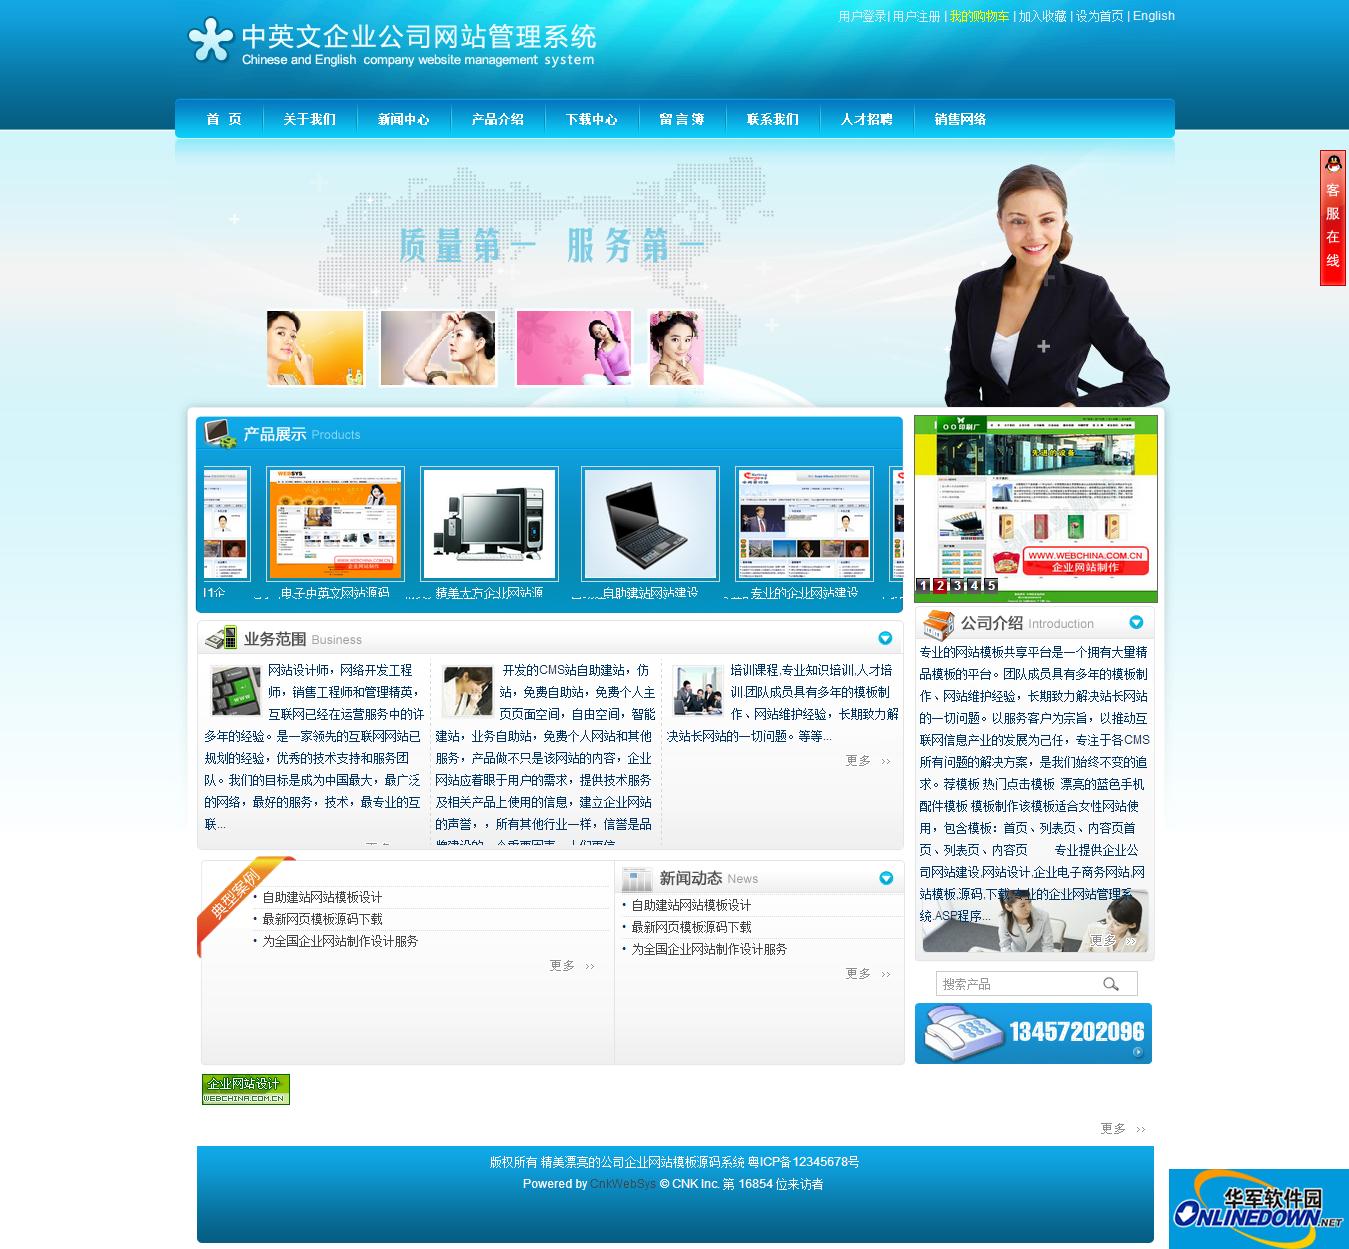 仿韩式精美网站双语企业网站系统